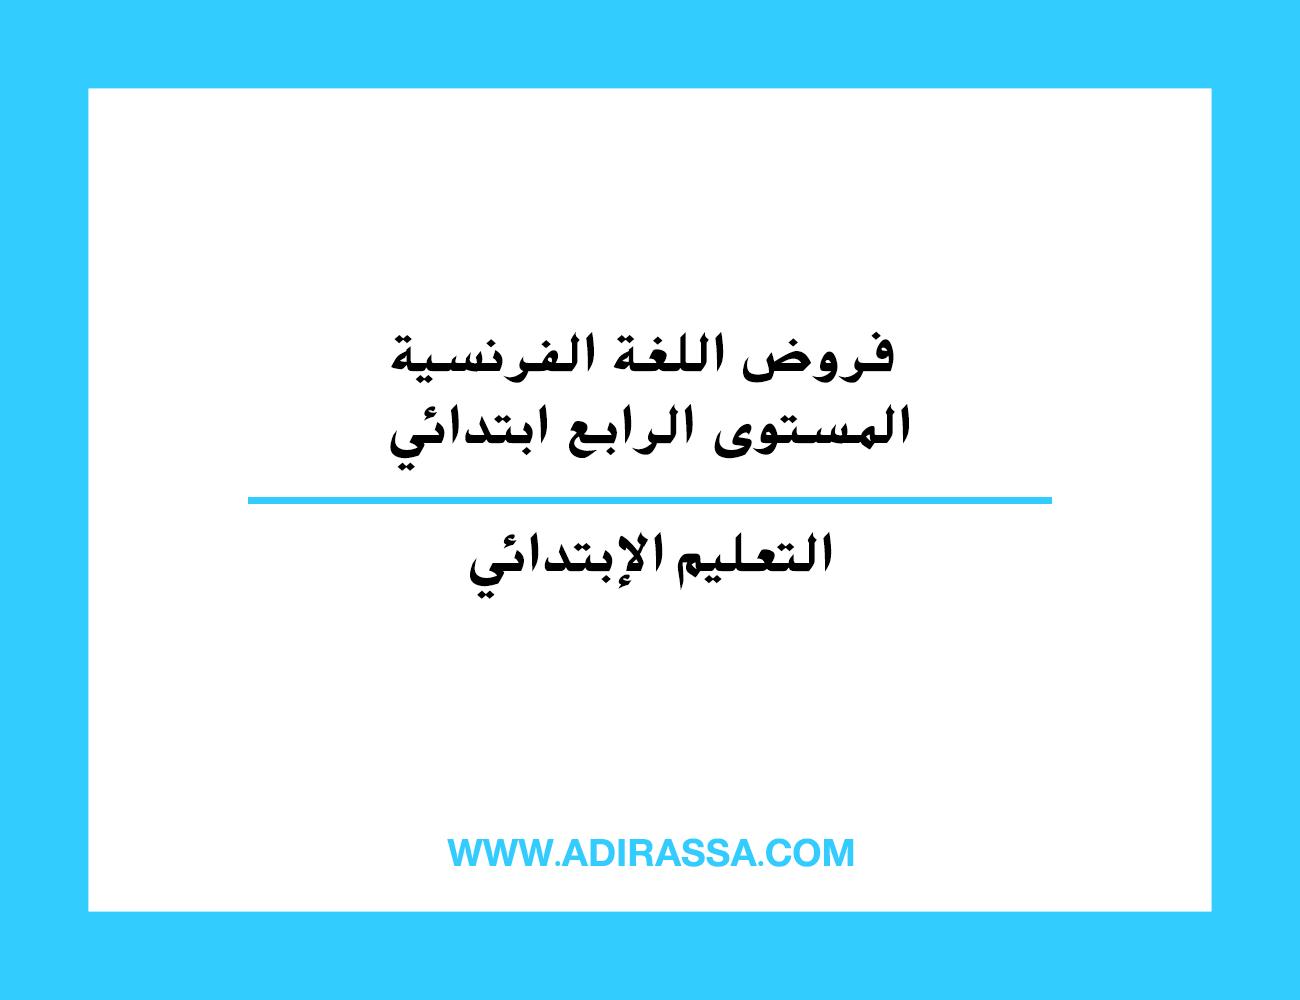 فروض اللغة الفرنسية المستوى الرابع ابتدائي في المدرسة المغربية